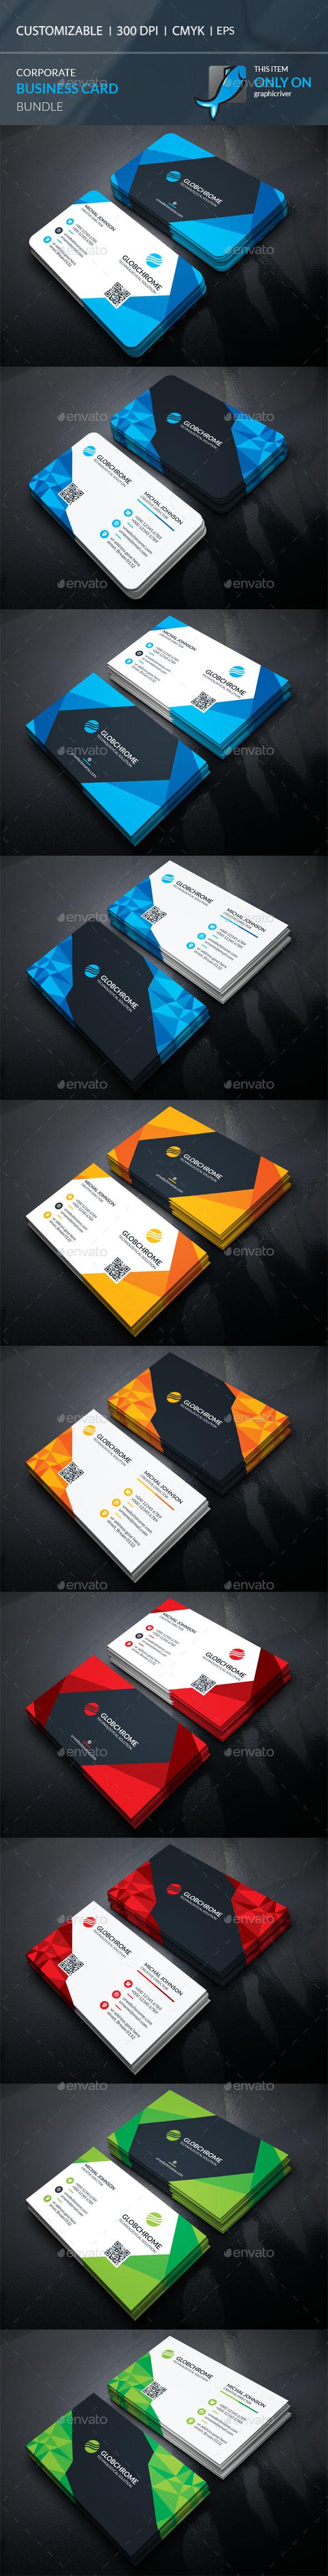 Corporate Business Card Bundle - Template Vector EPS, AI Illustrator ...